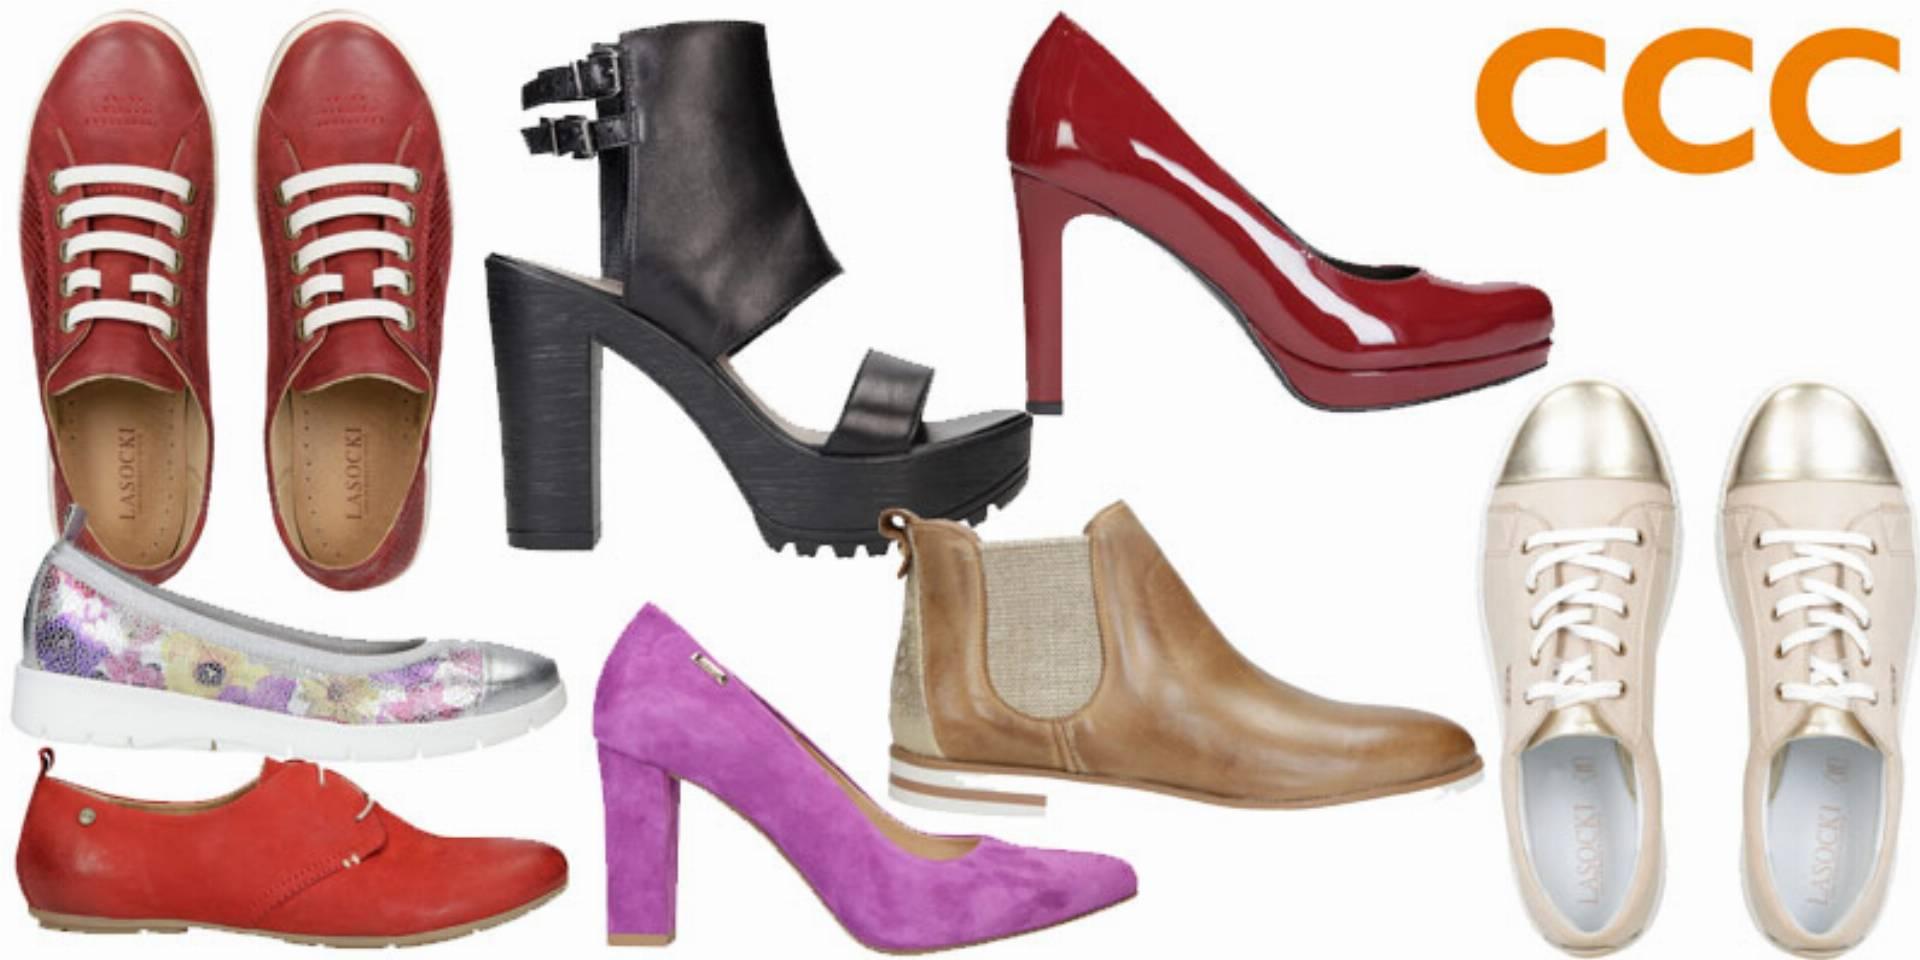 Ccc buty damskie